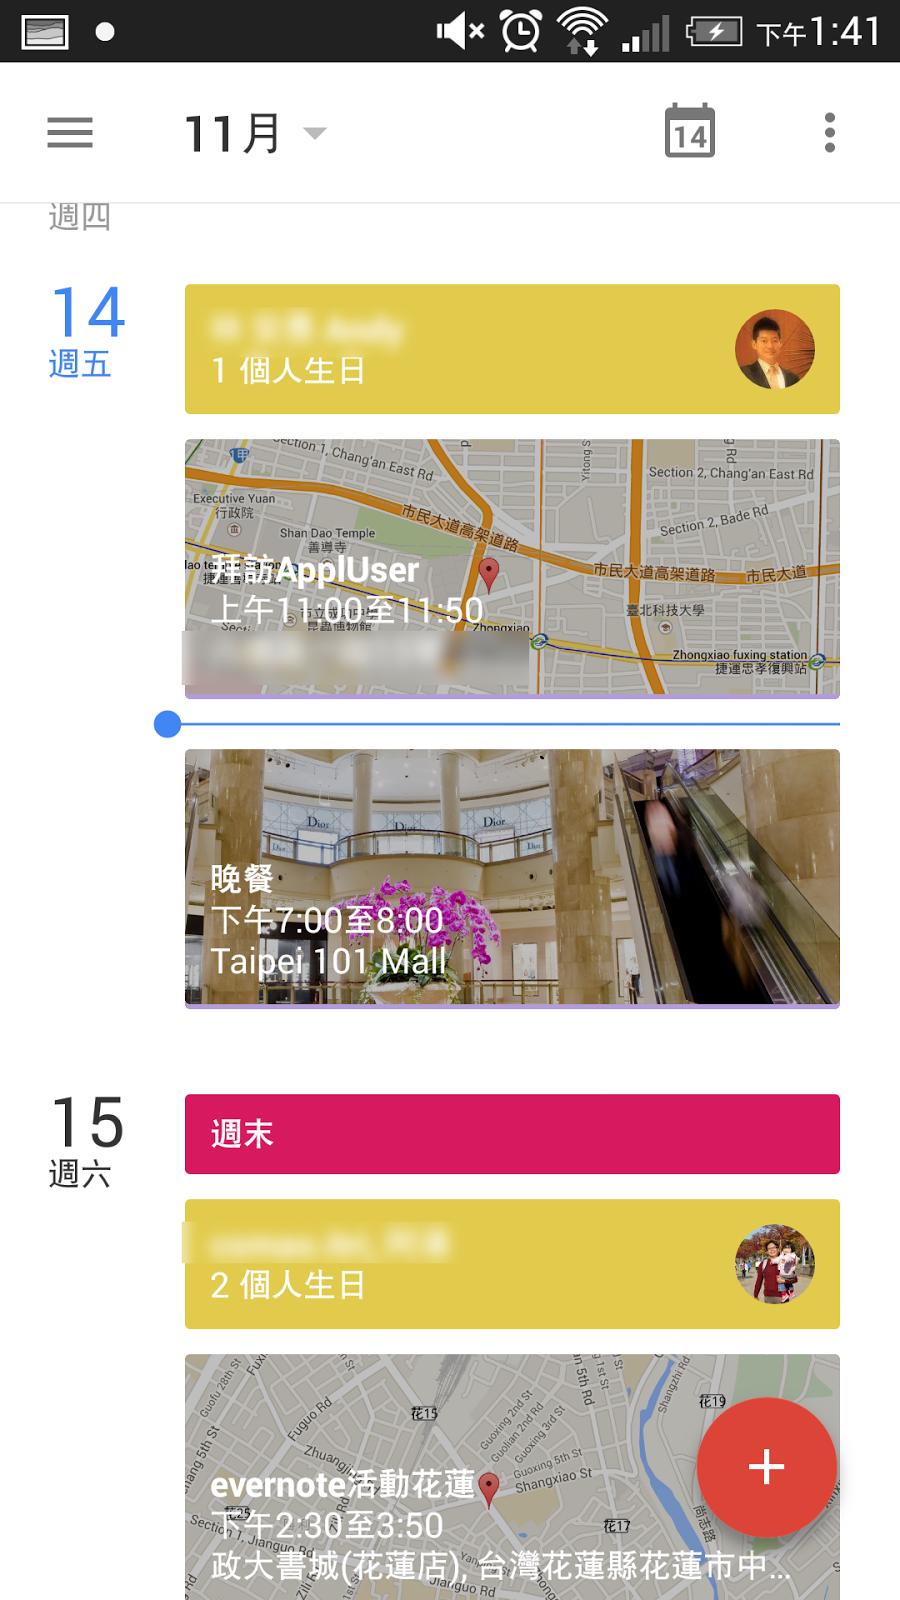 改變行動工作!電腦玩物 2014 最佳 Android App 推薦 Google%2B%E6%97%A5%E6%9B%86%2BAndroid%2BApp-01